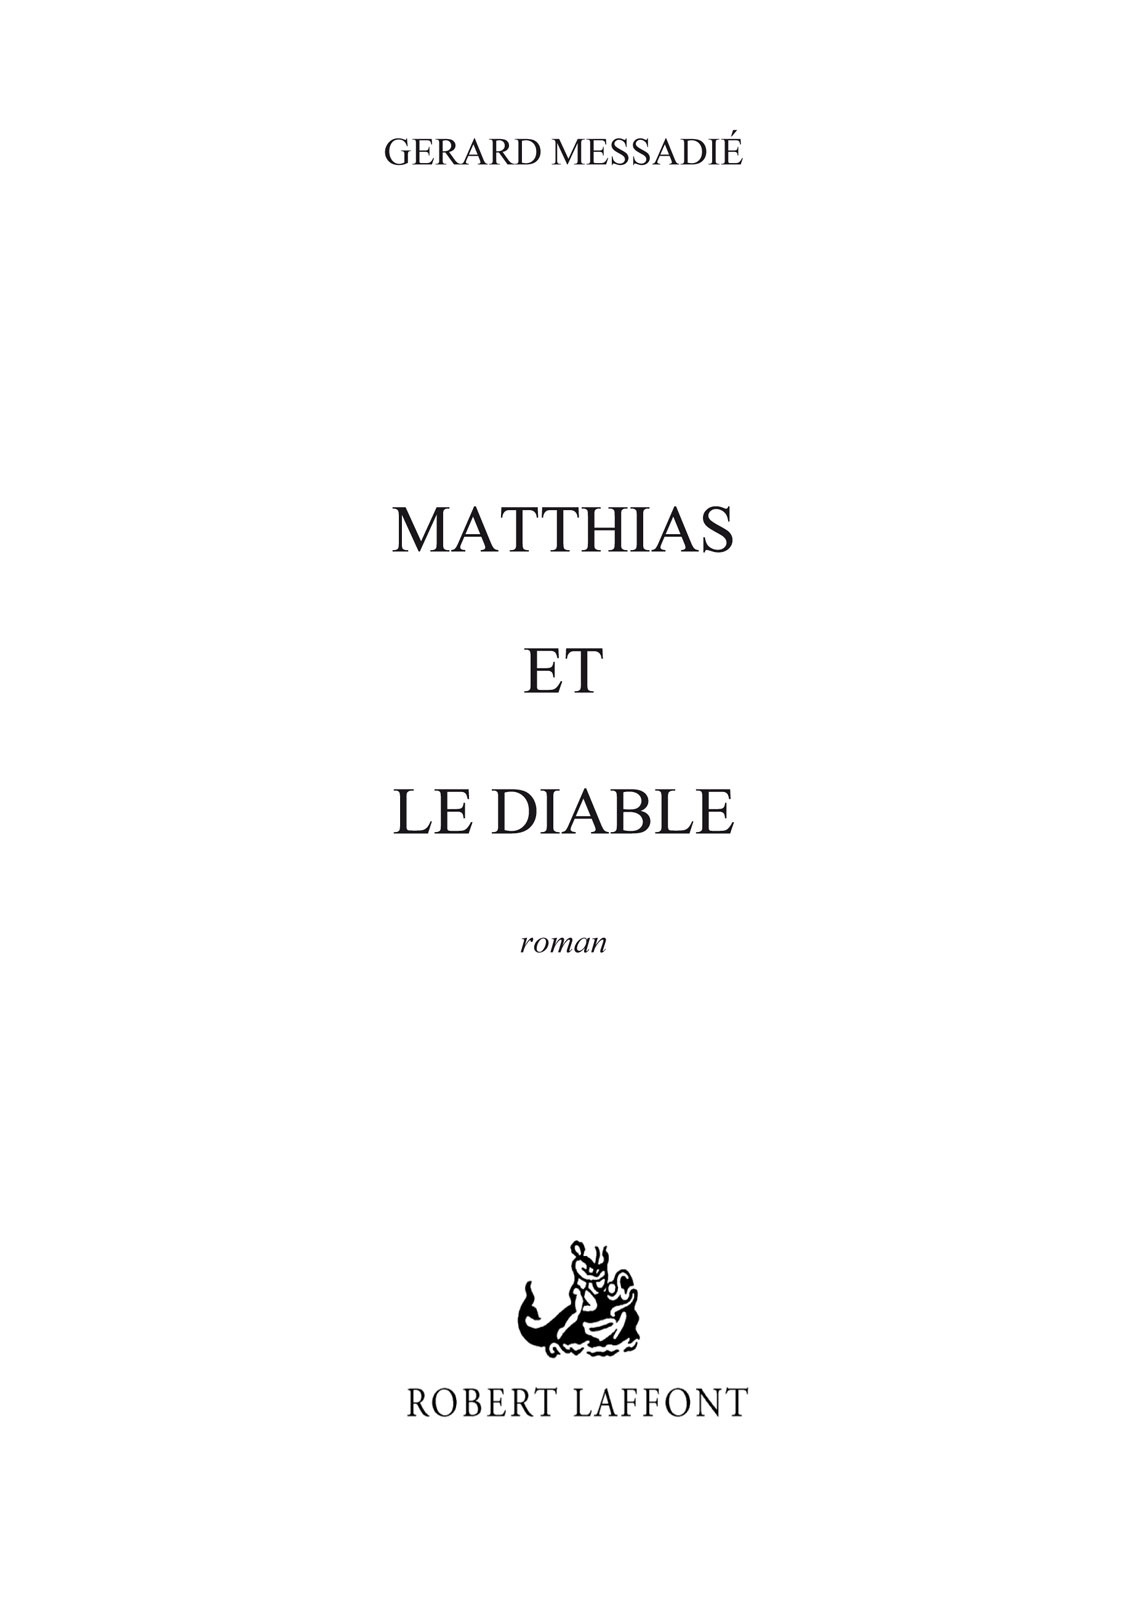 Matthias et le diable | MESSADIE, Gerald